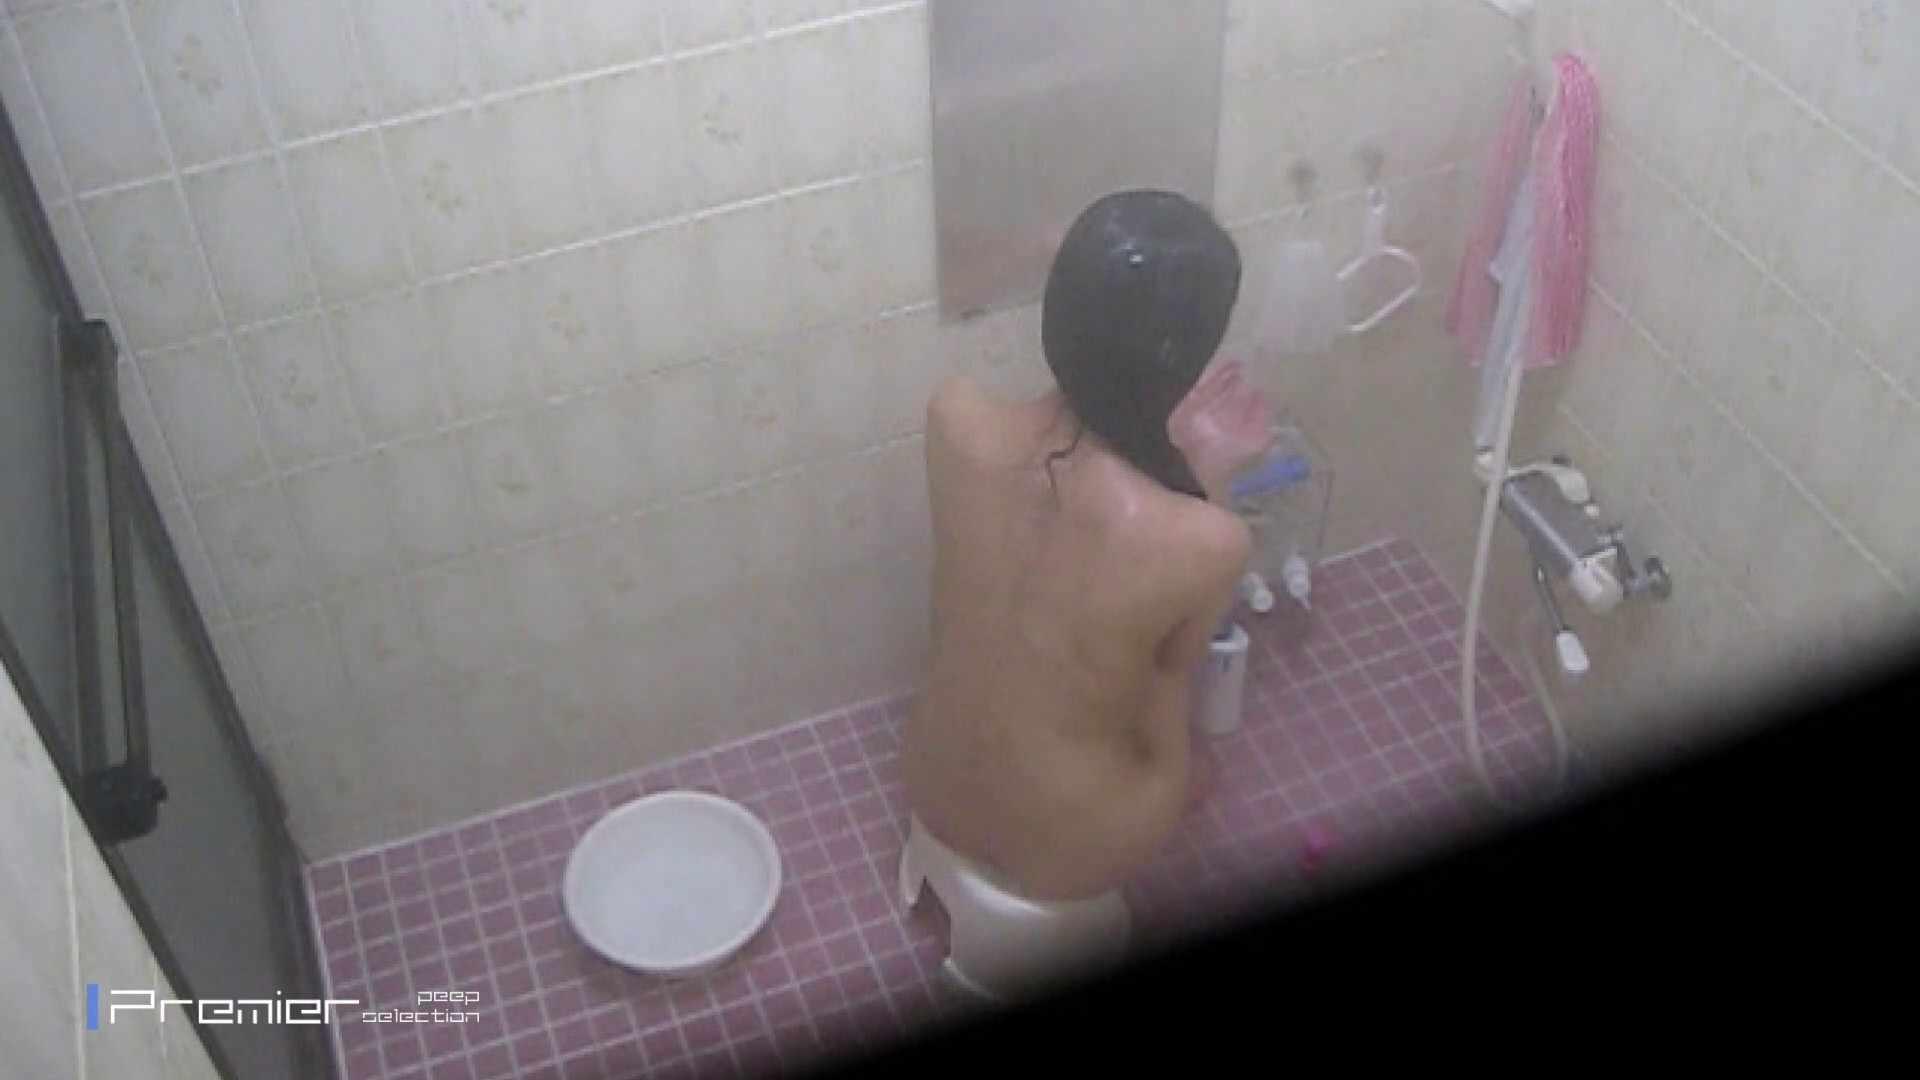 鏡に写る美女バレ盗撮 乙女の風呂場 Vol.10 盗撮で悶絶 セックス画像 86画像 63